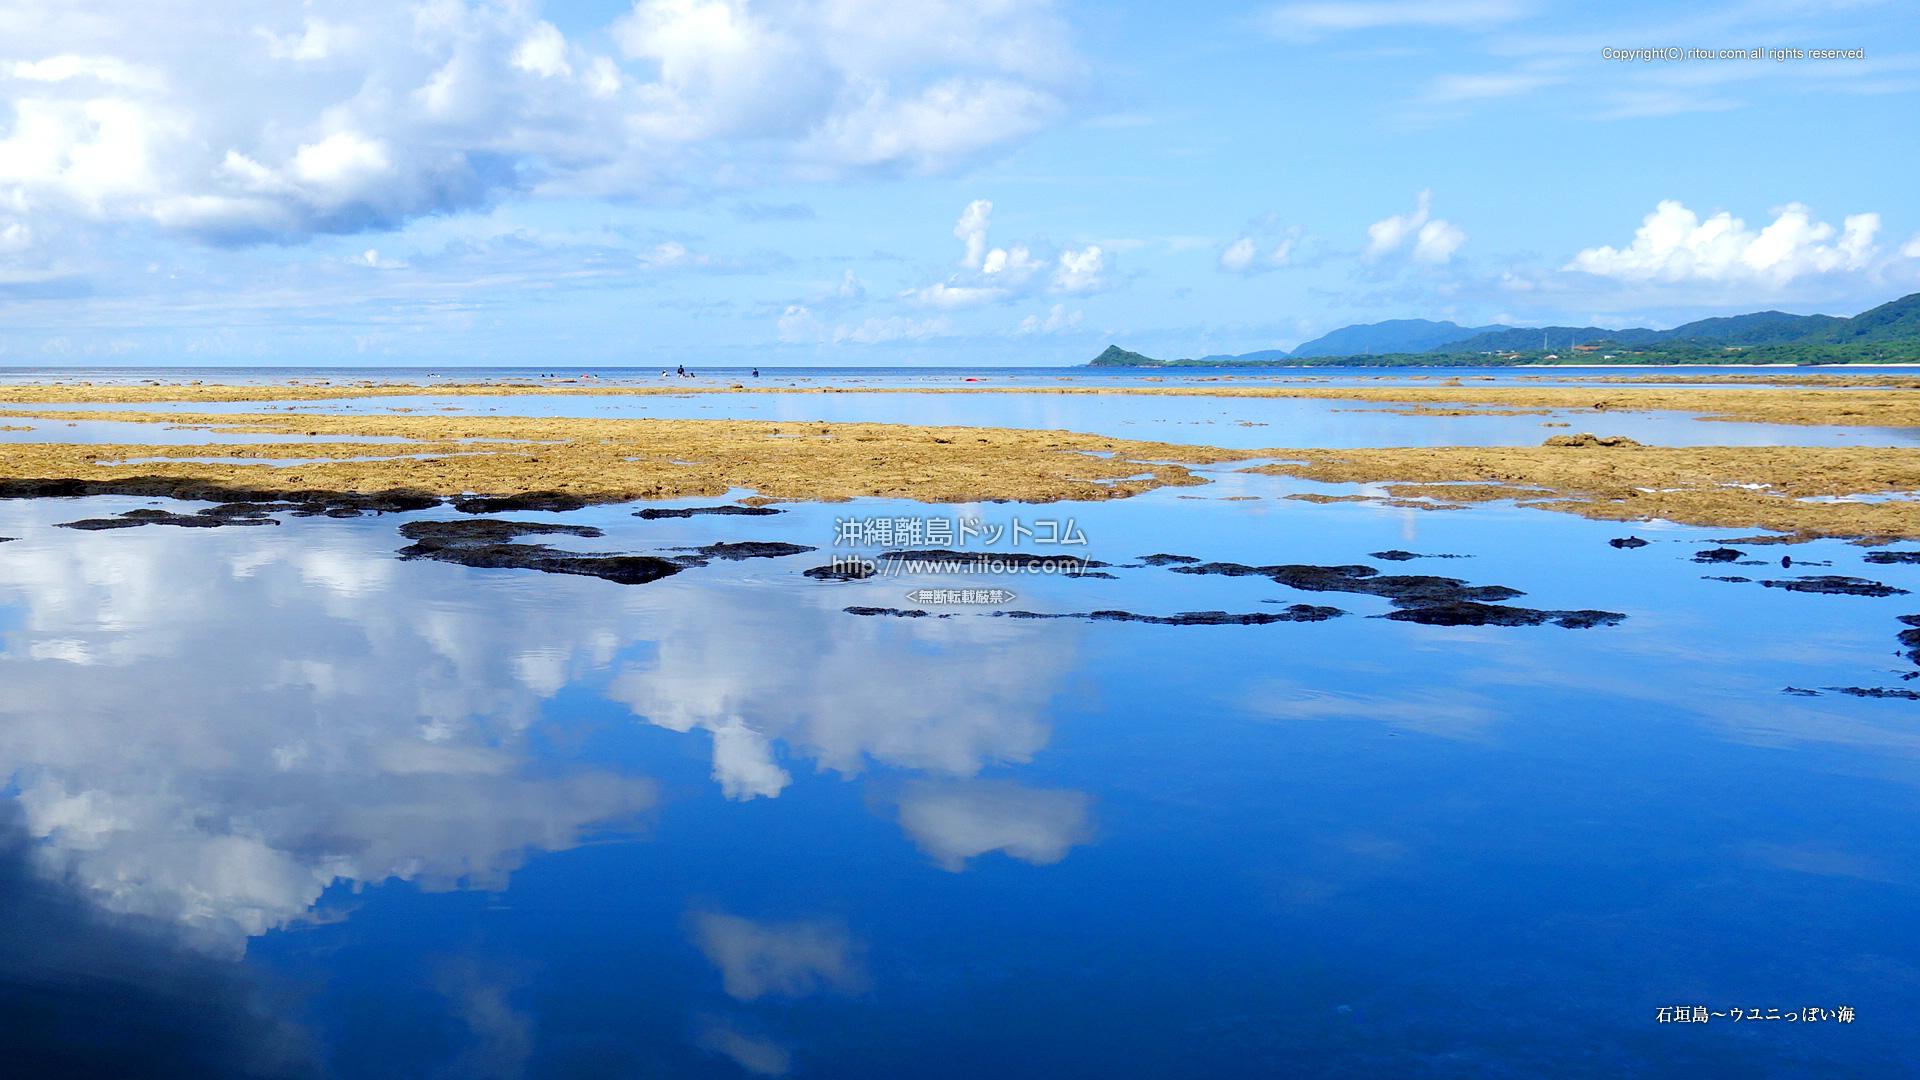 石垣島〜ウユニっぽい海